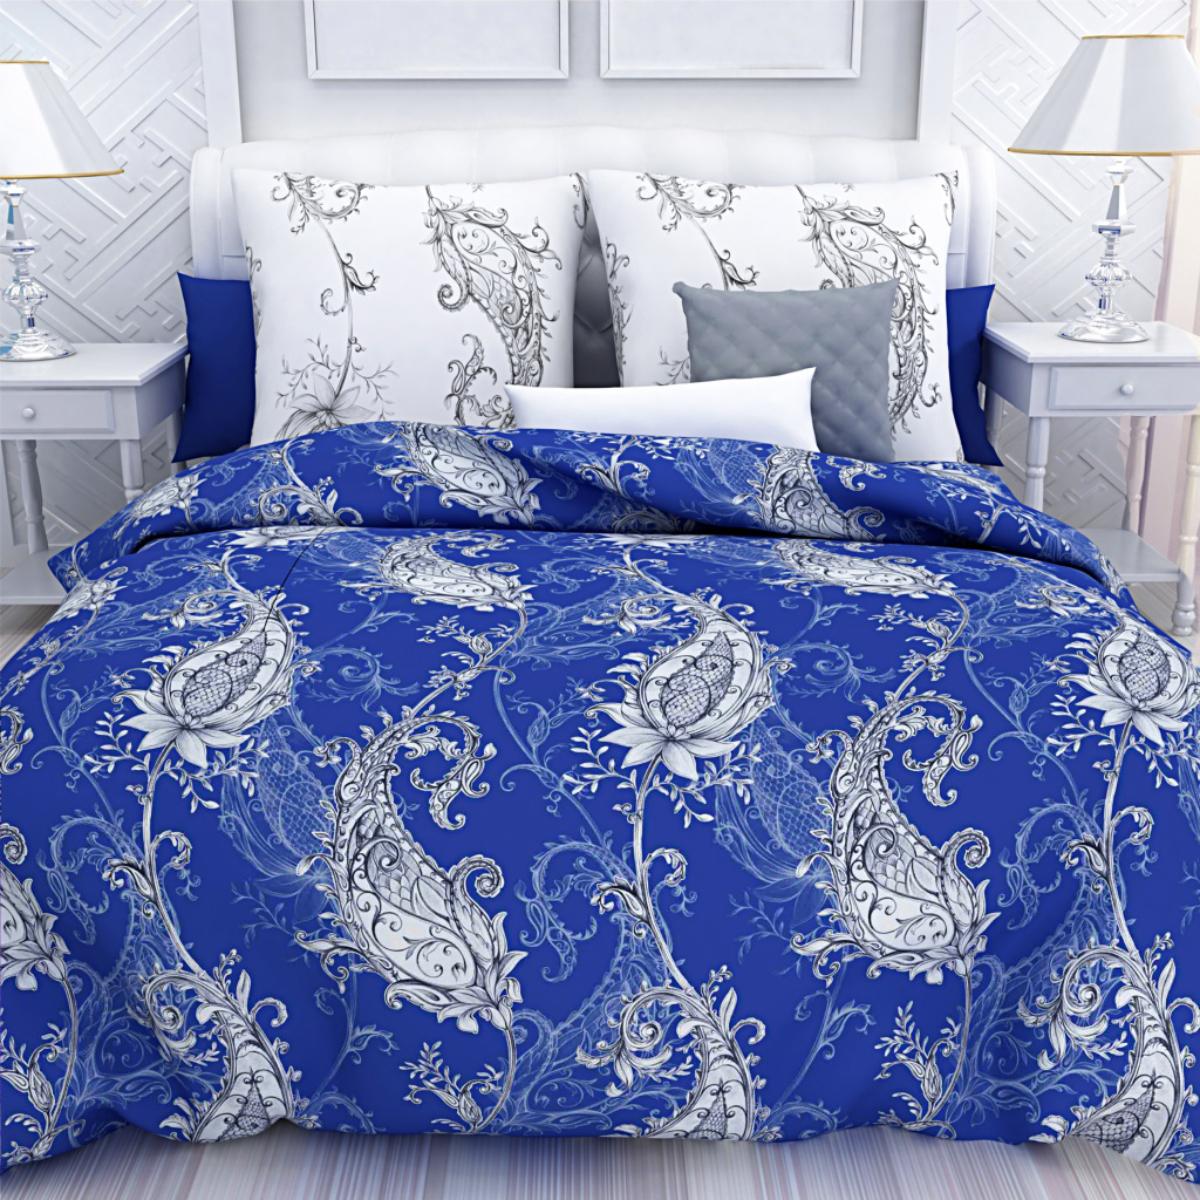 Комплект белья Унисон Сапфир, семейный, наволочки 50 х 70, цвет: синий. 286311286311Постельное белье торговой марки «Унисон Биоматин» - это домашний текстиль премиум класса с эксклюзивными дизайнами в разнообразных стилистических решениях. Комплекты данной серии выполнены из ткани «биоматин» - это 100% хлопок высочайшего качества, мягкий, тонкий и легкий, но при этом прочный, долговечный и очень практичный, с повышенным показателем износостойкости, обладающий грязе- и пылеотталкивающими свойствами, долго сохраняющий чистоту и свежесть постельного белья, гипоаллергенный.